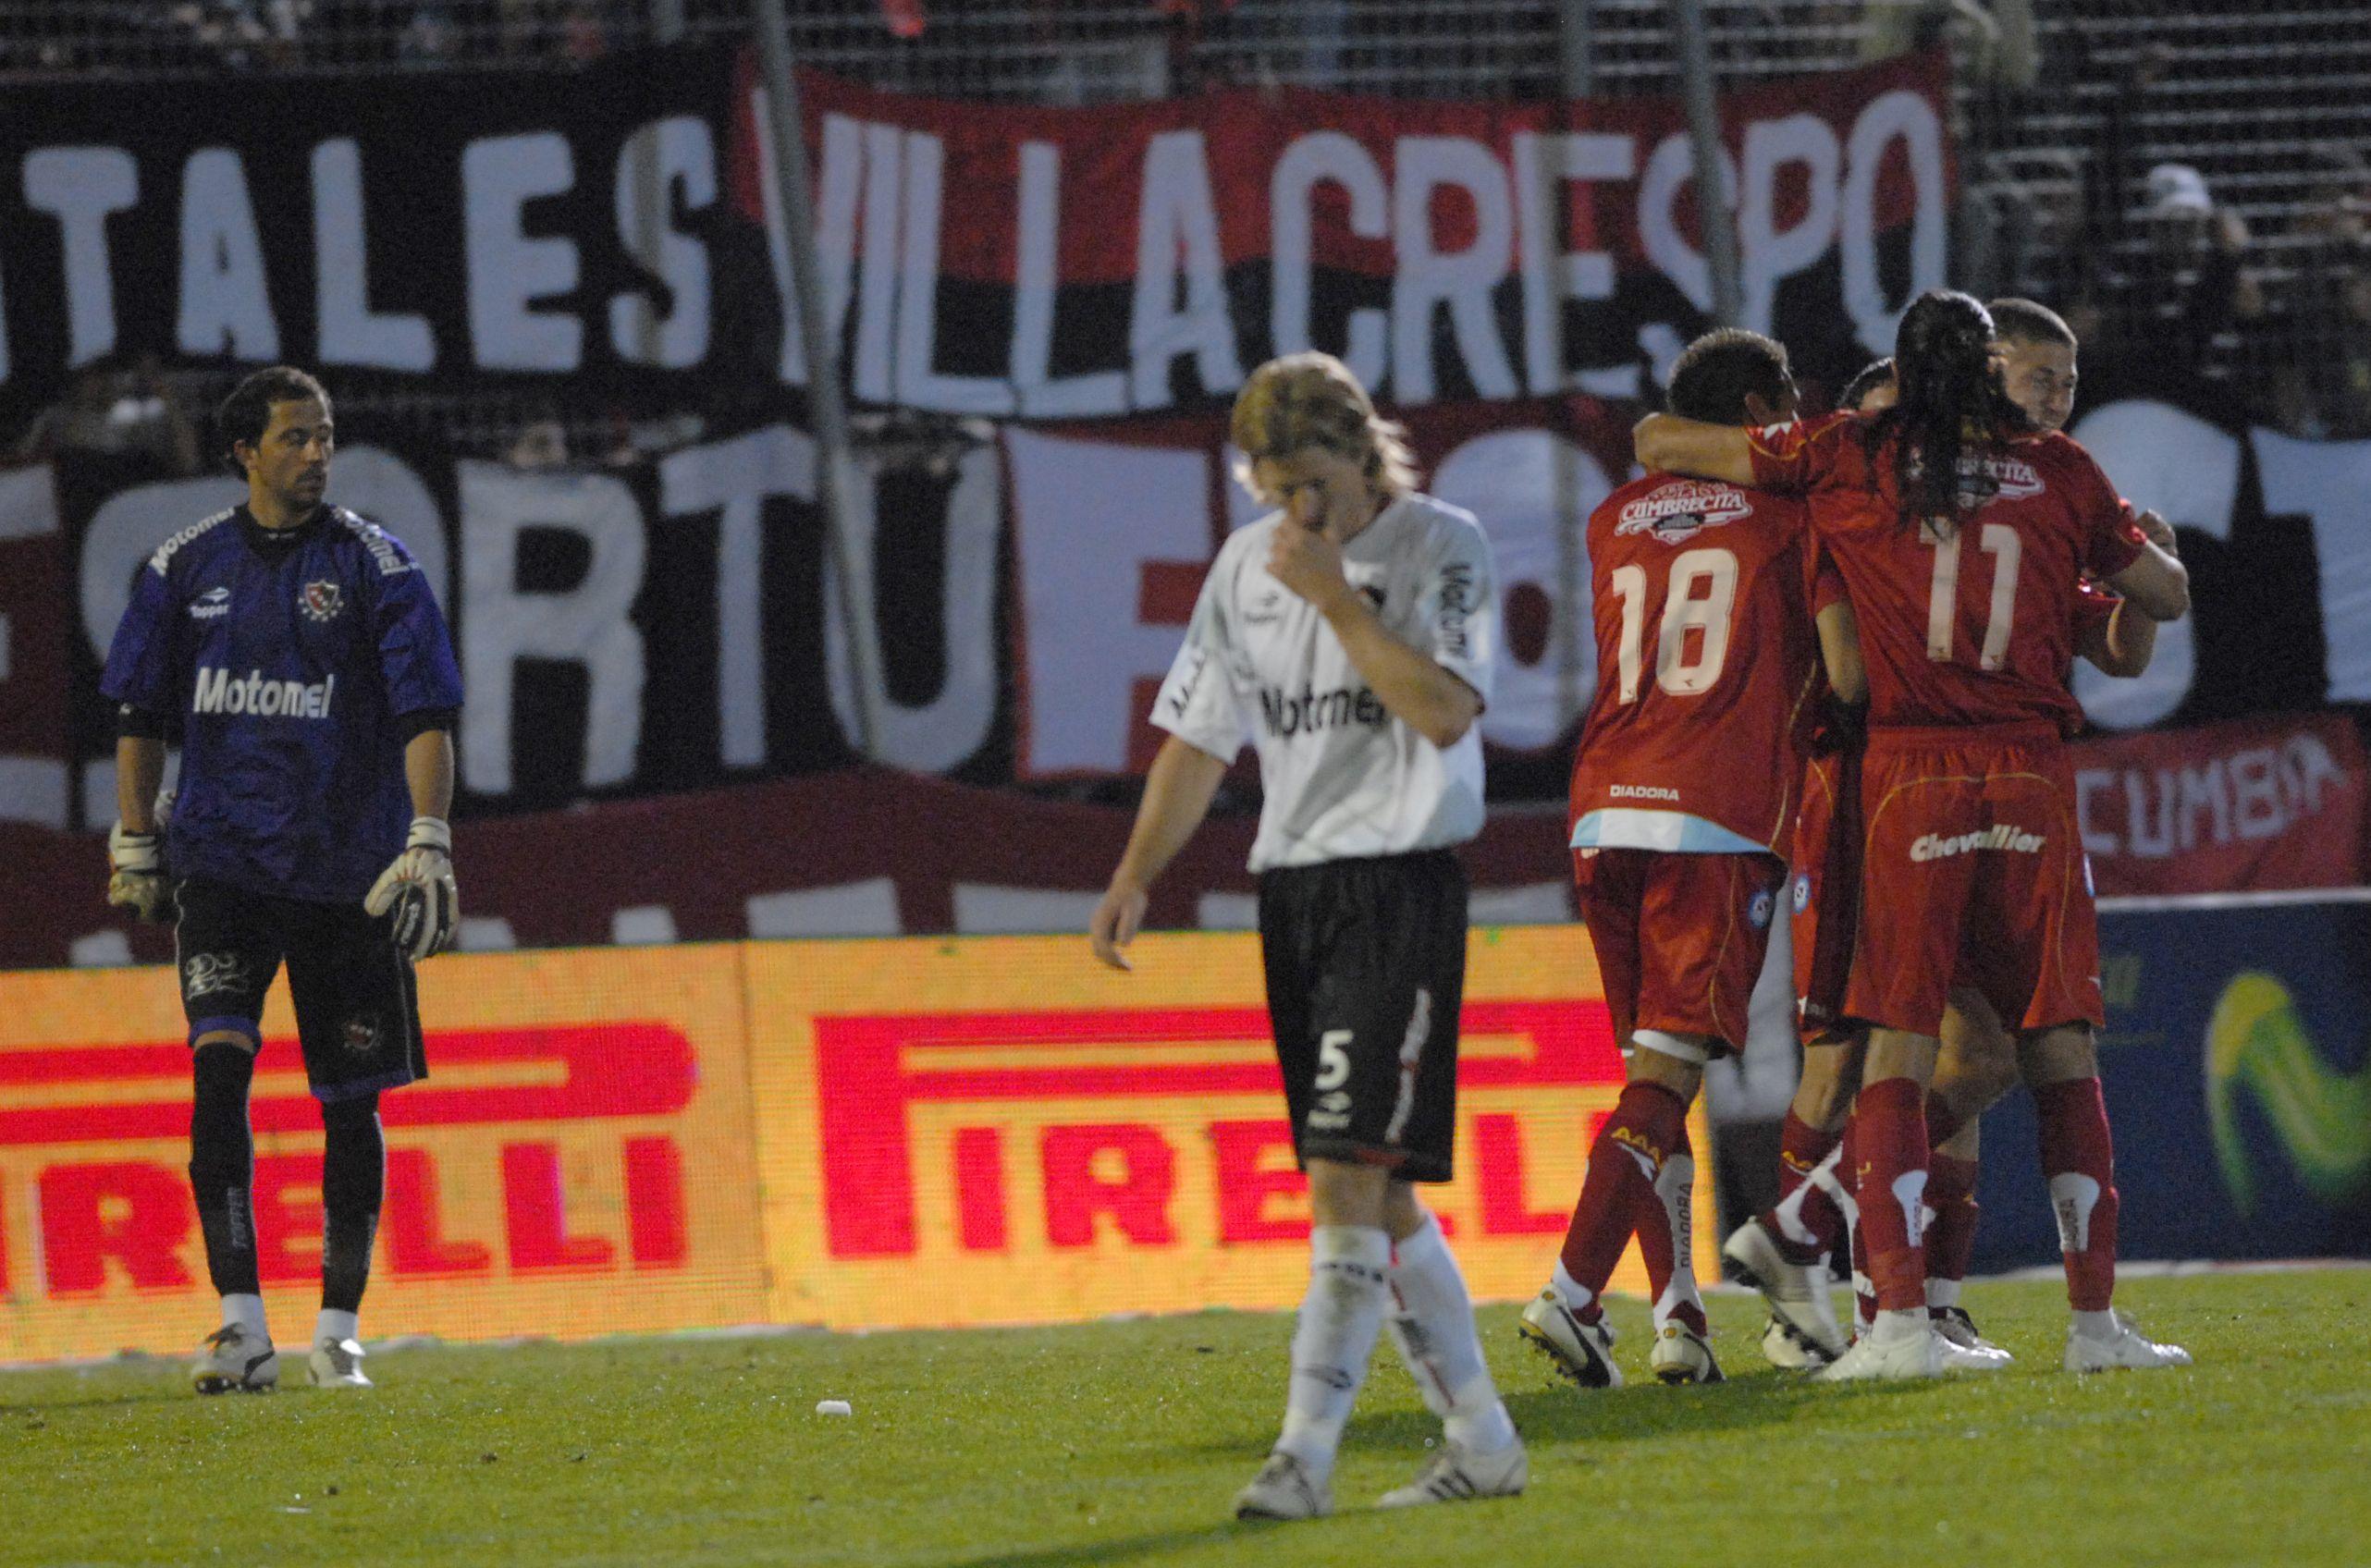 Newells repitió errores del campeonato pasado y perdió frente a Argentinos Juniors